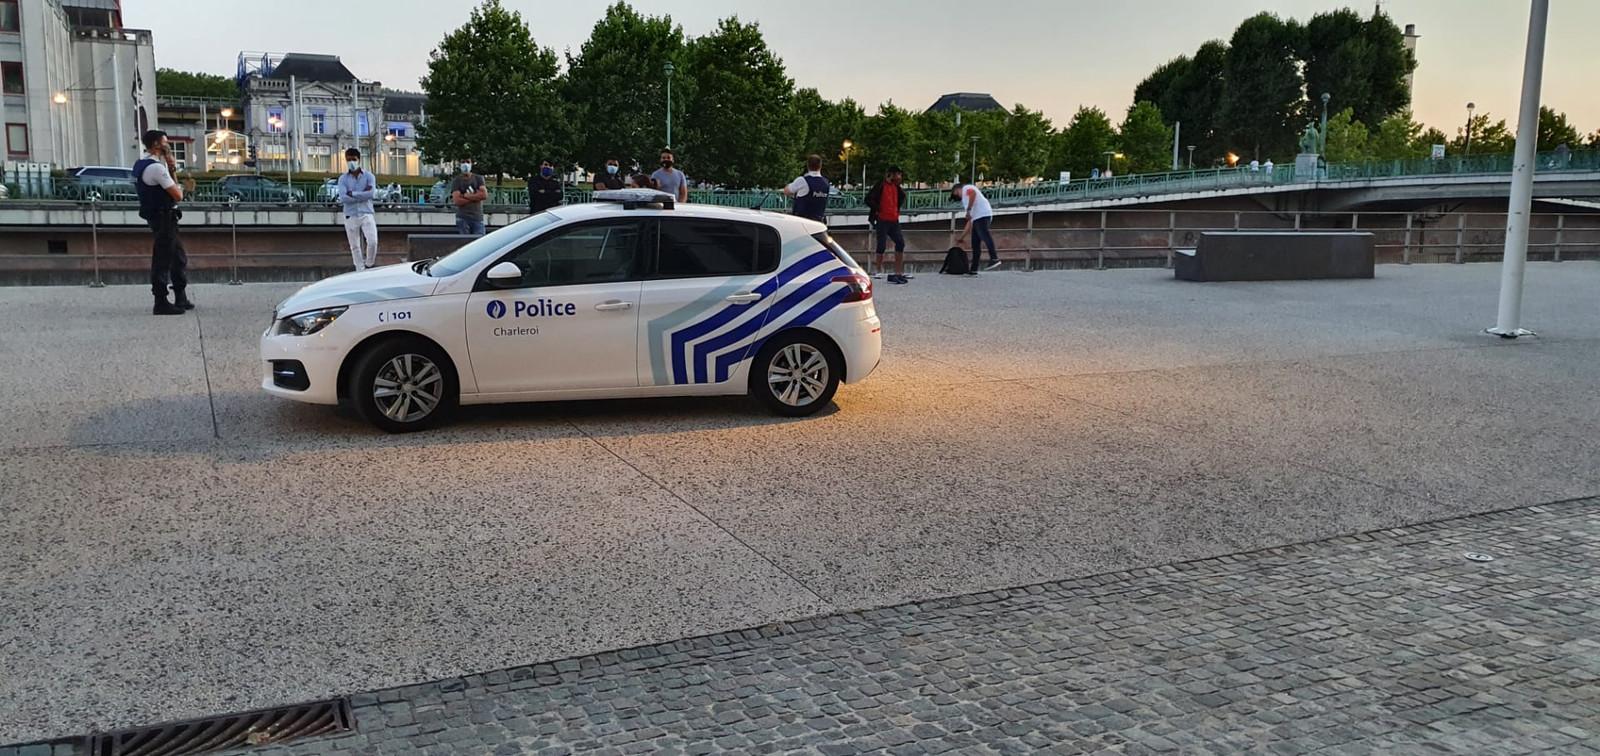 Nouvelle opération de police contre le deal de rue à Charleroi